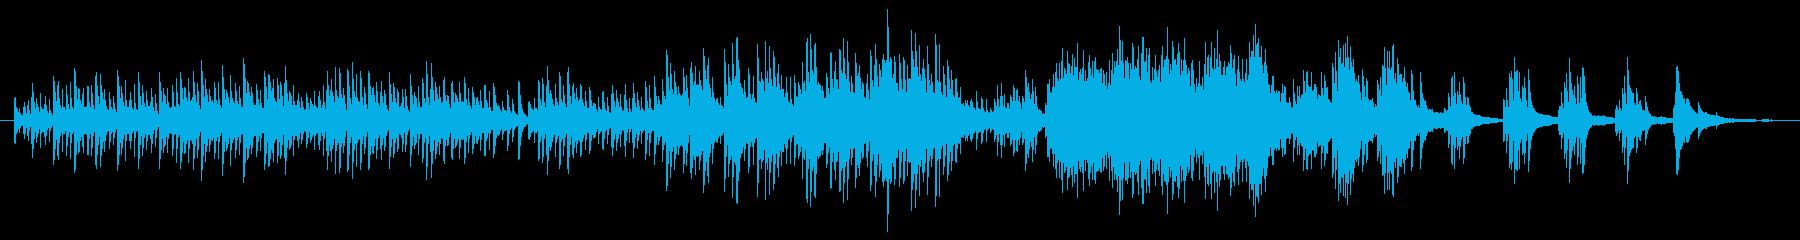 和風 桜 吹雪ナイアガラ ■ ピアノソロの再生済みの波形